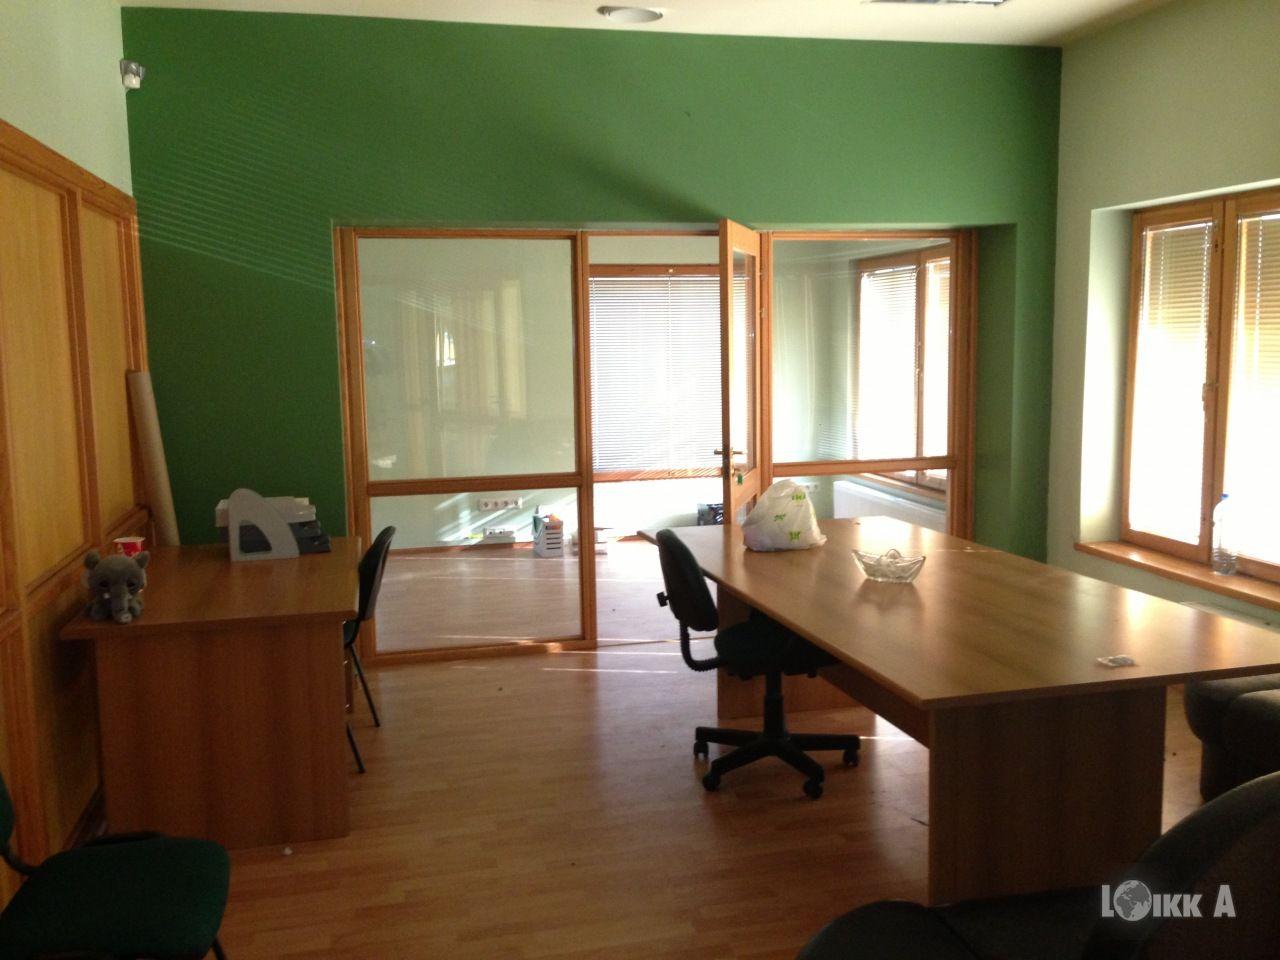 Коммерческая недвижимость в Риге, Латвия, 150 м2 - фото 1